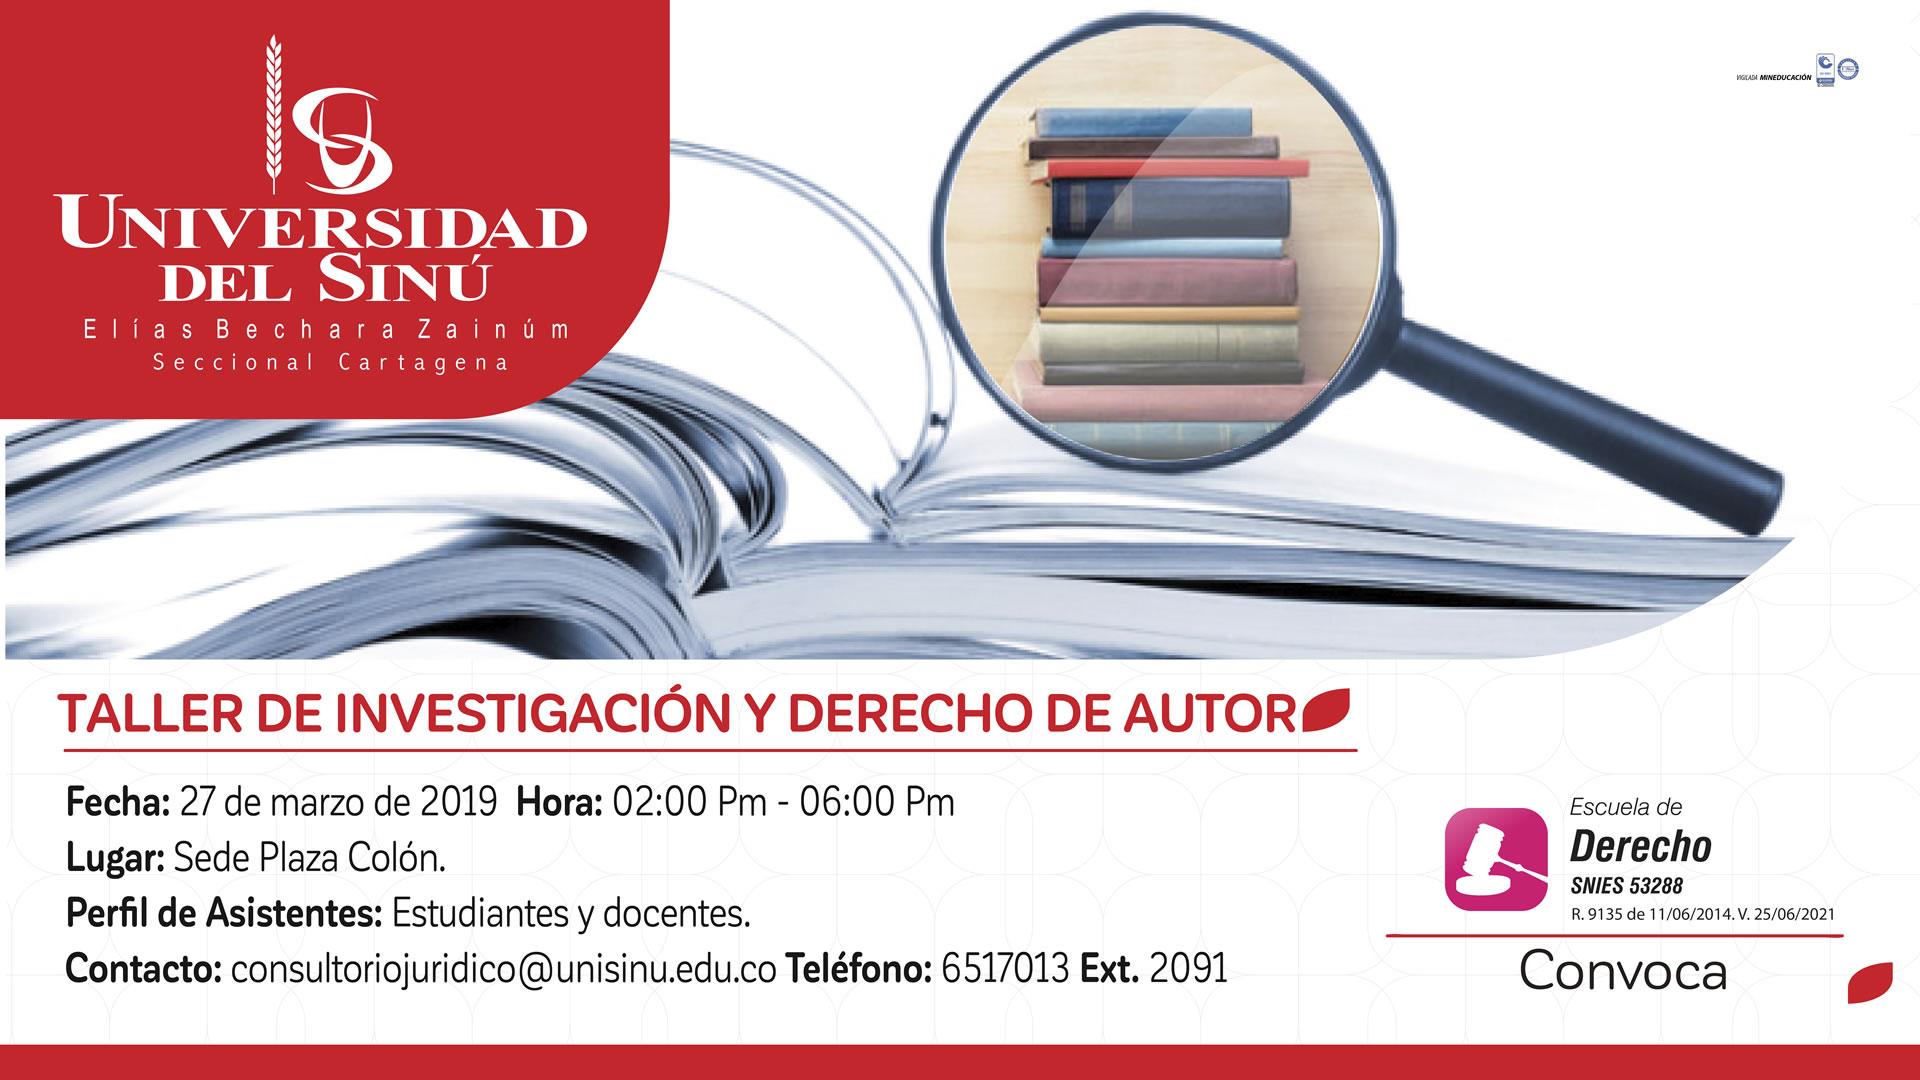 taller de investigacion y derecho de autor2019-1p